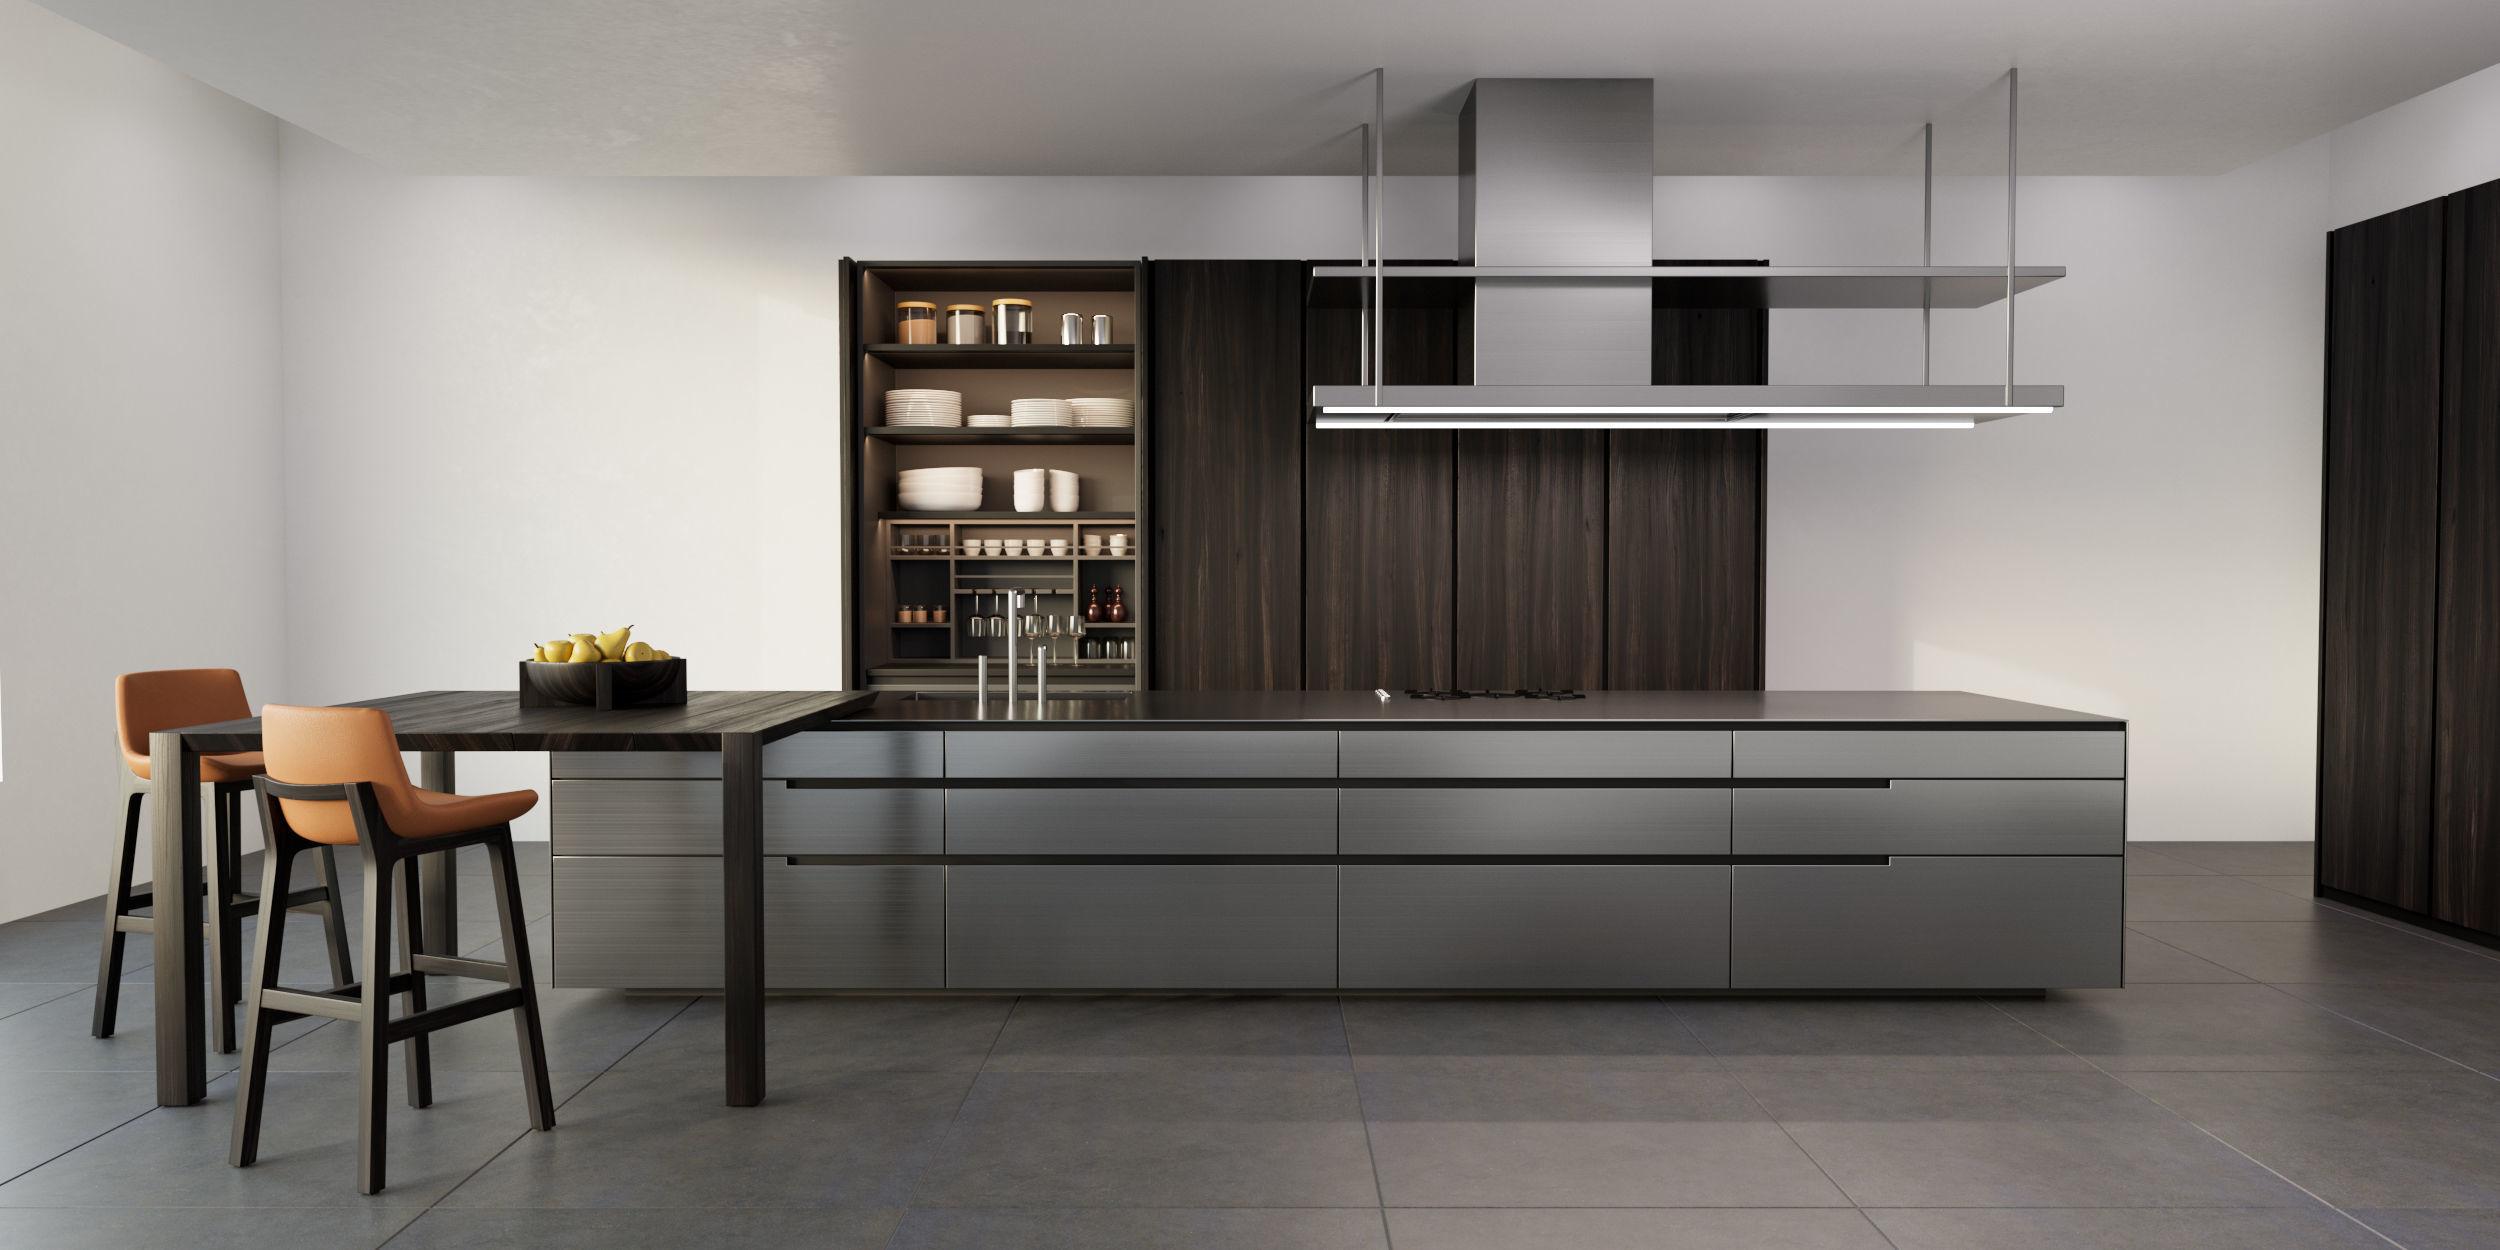 3D Poliform PHOENIX kitchen | CGTrader on Model Kitchen Picture  id=34268